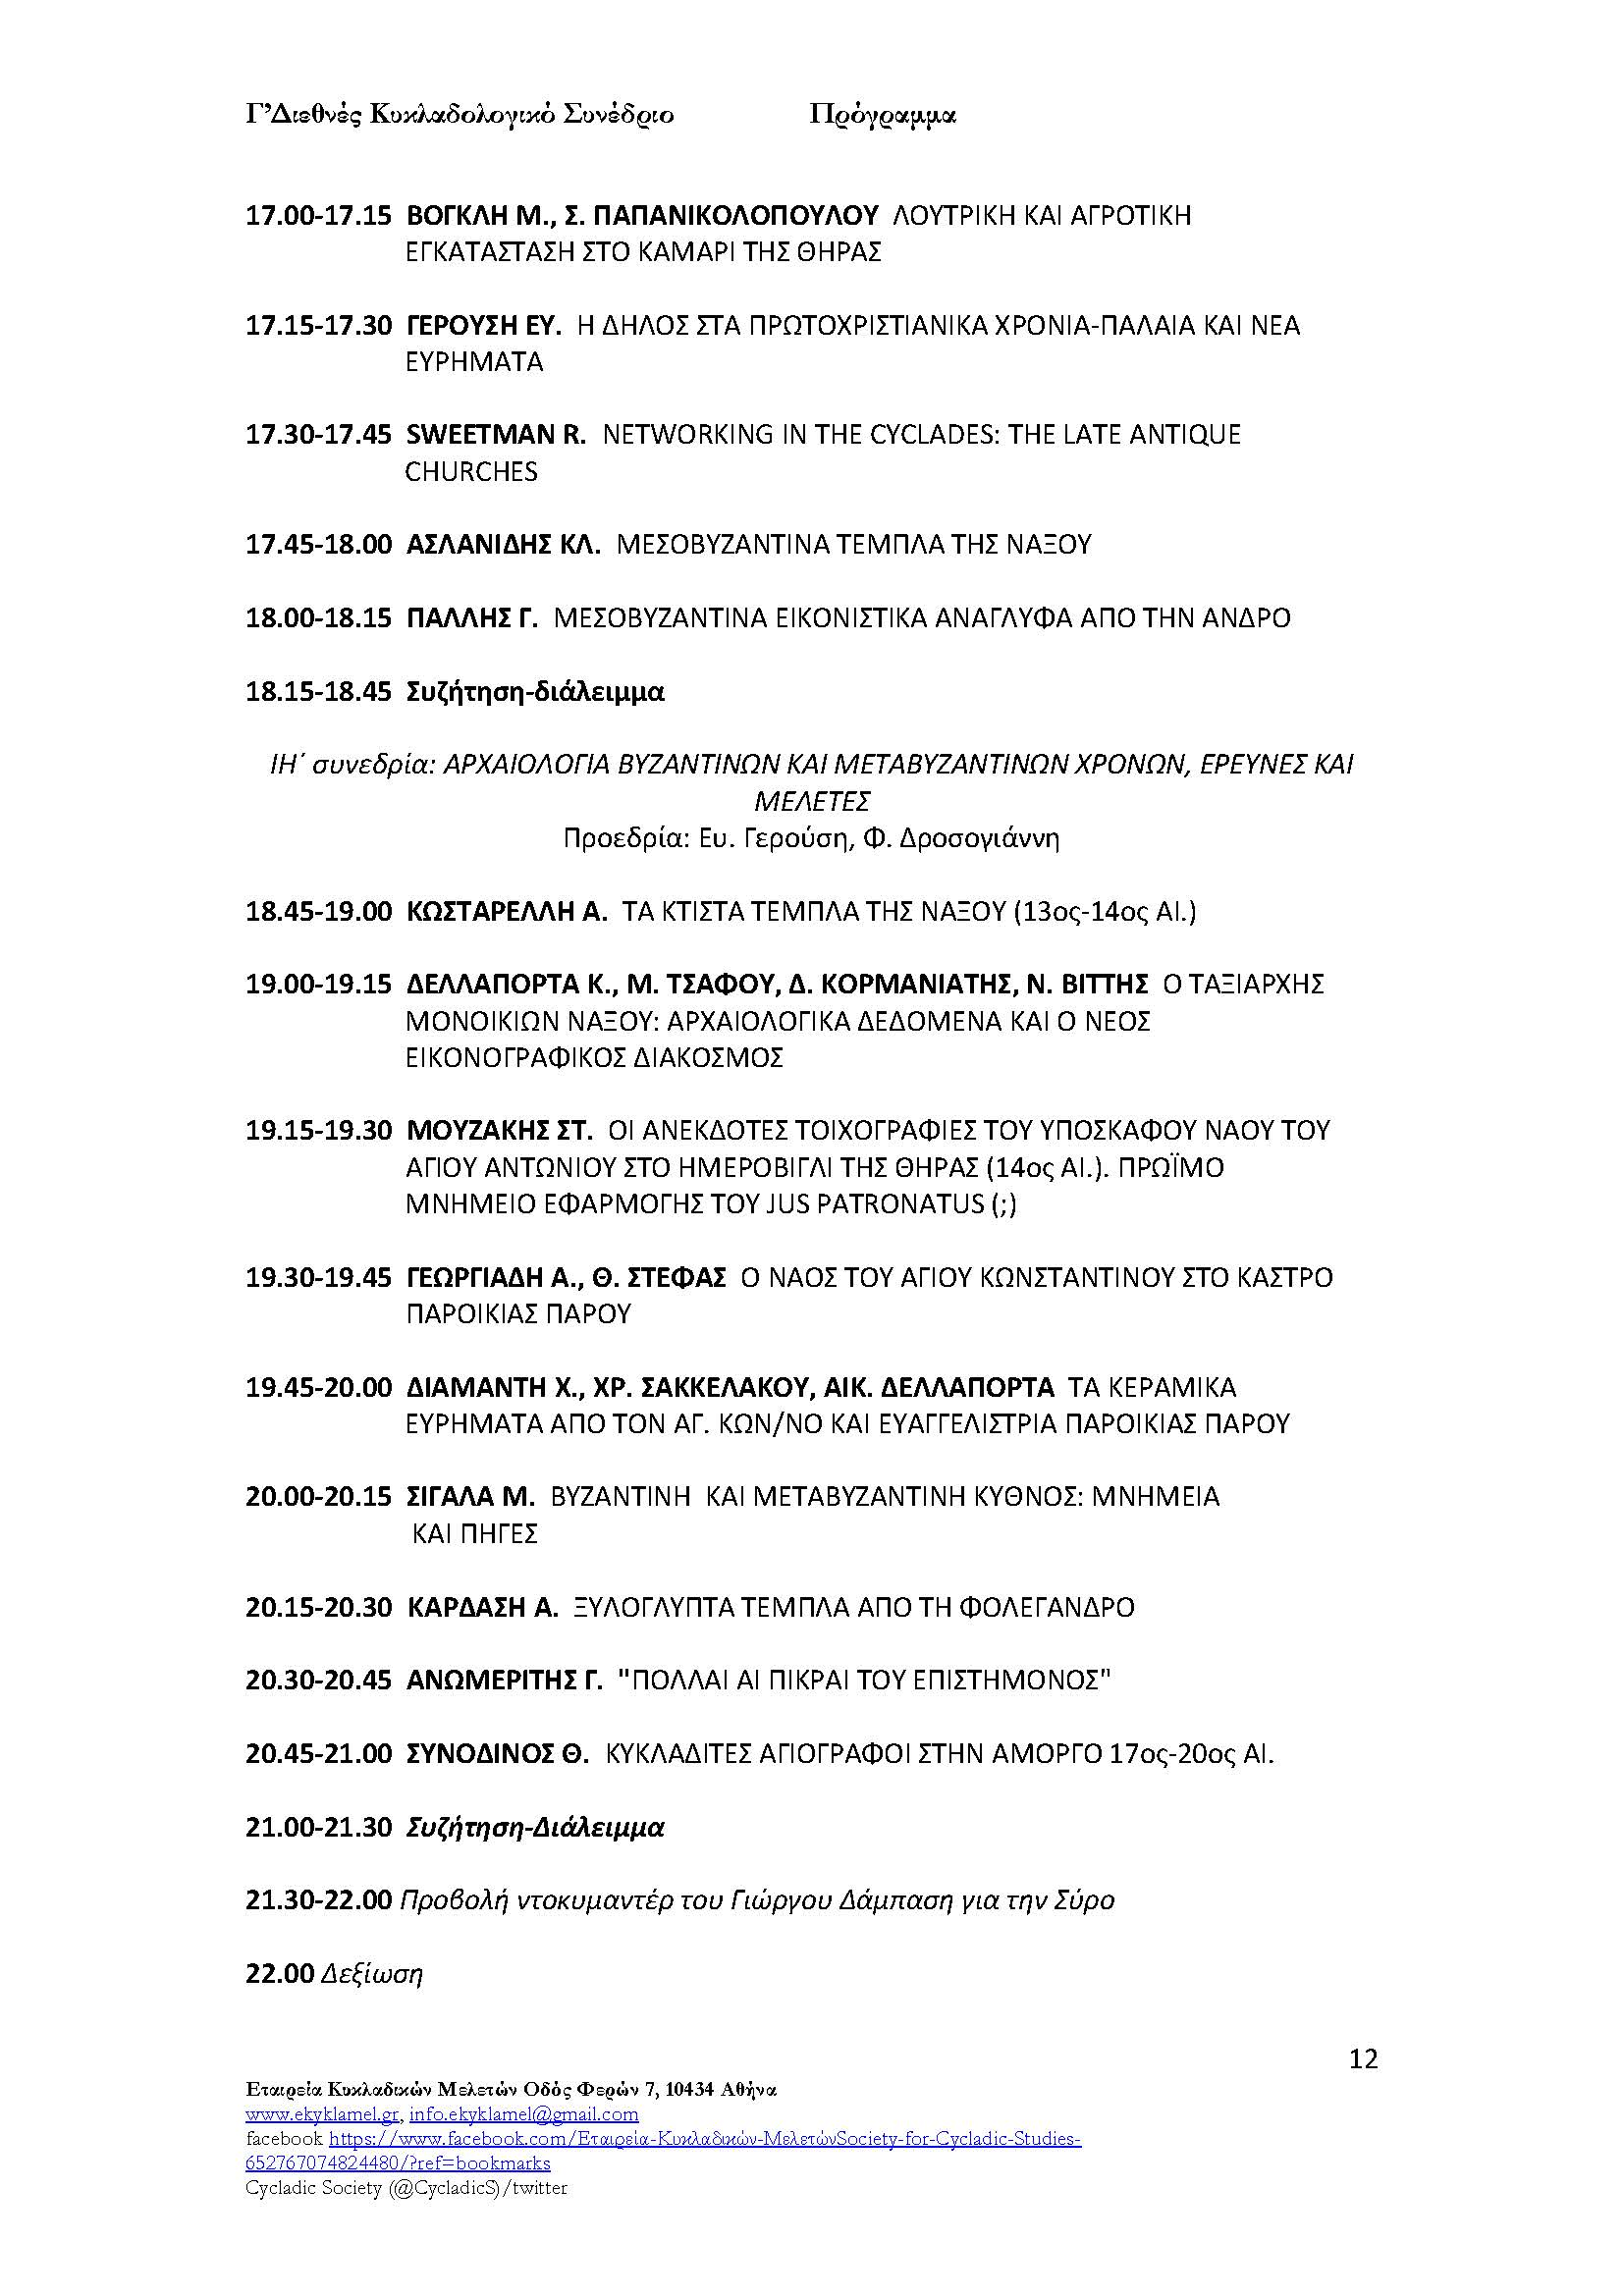 πρόγραμμα Γ' Κυκλαδολογικού Συνεδρίου (1)_Page_12